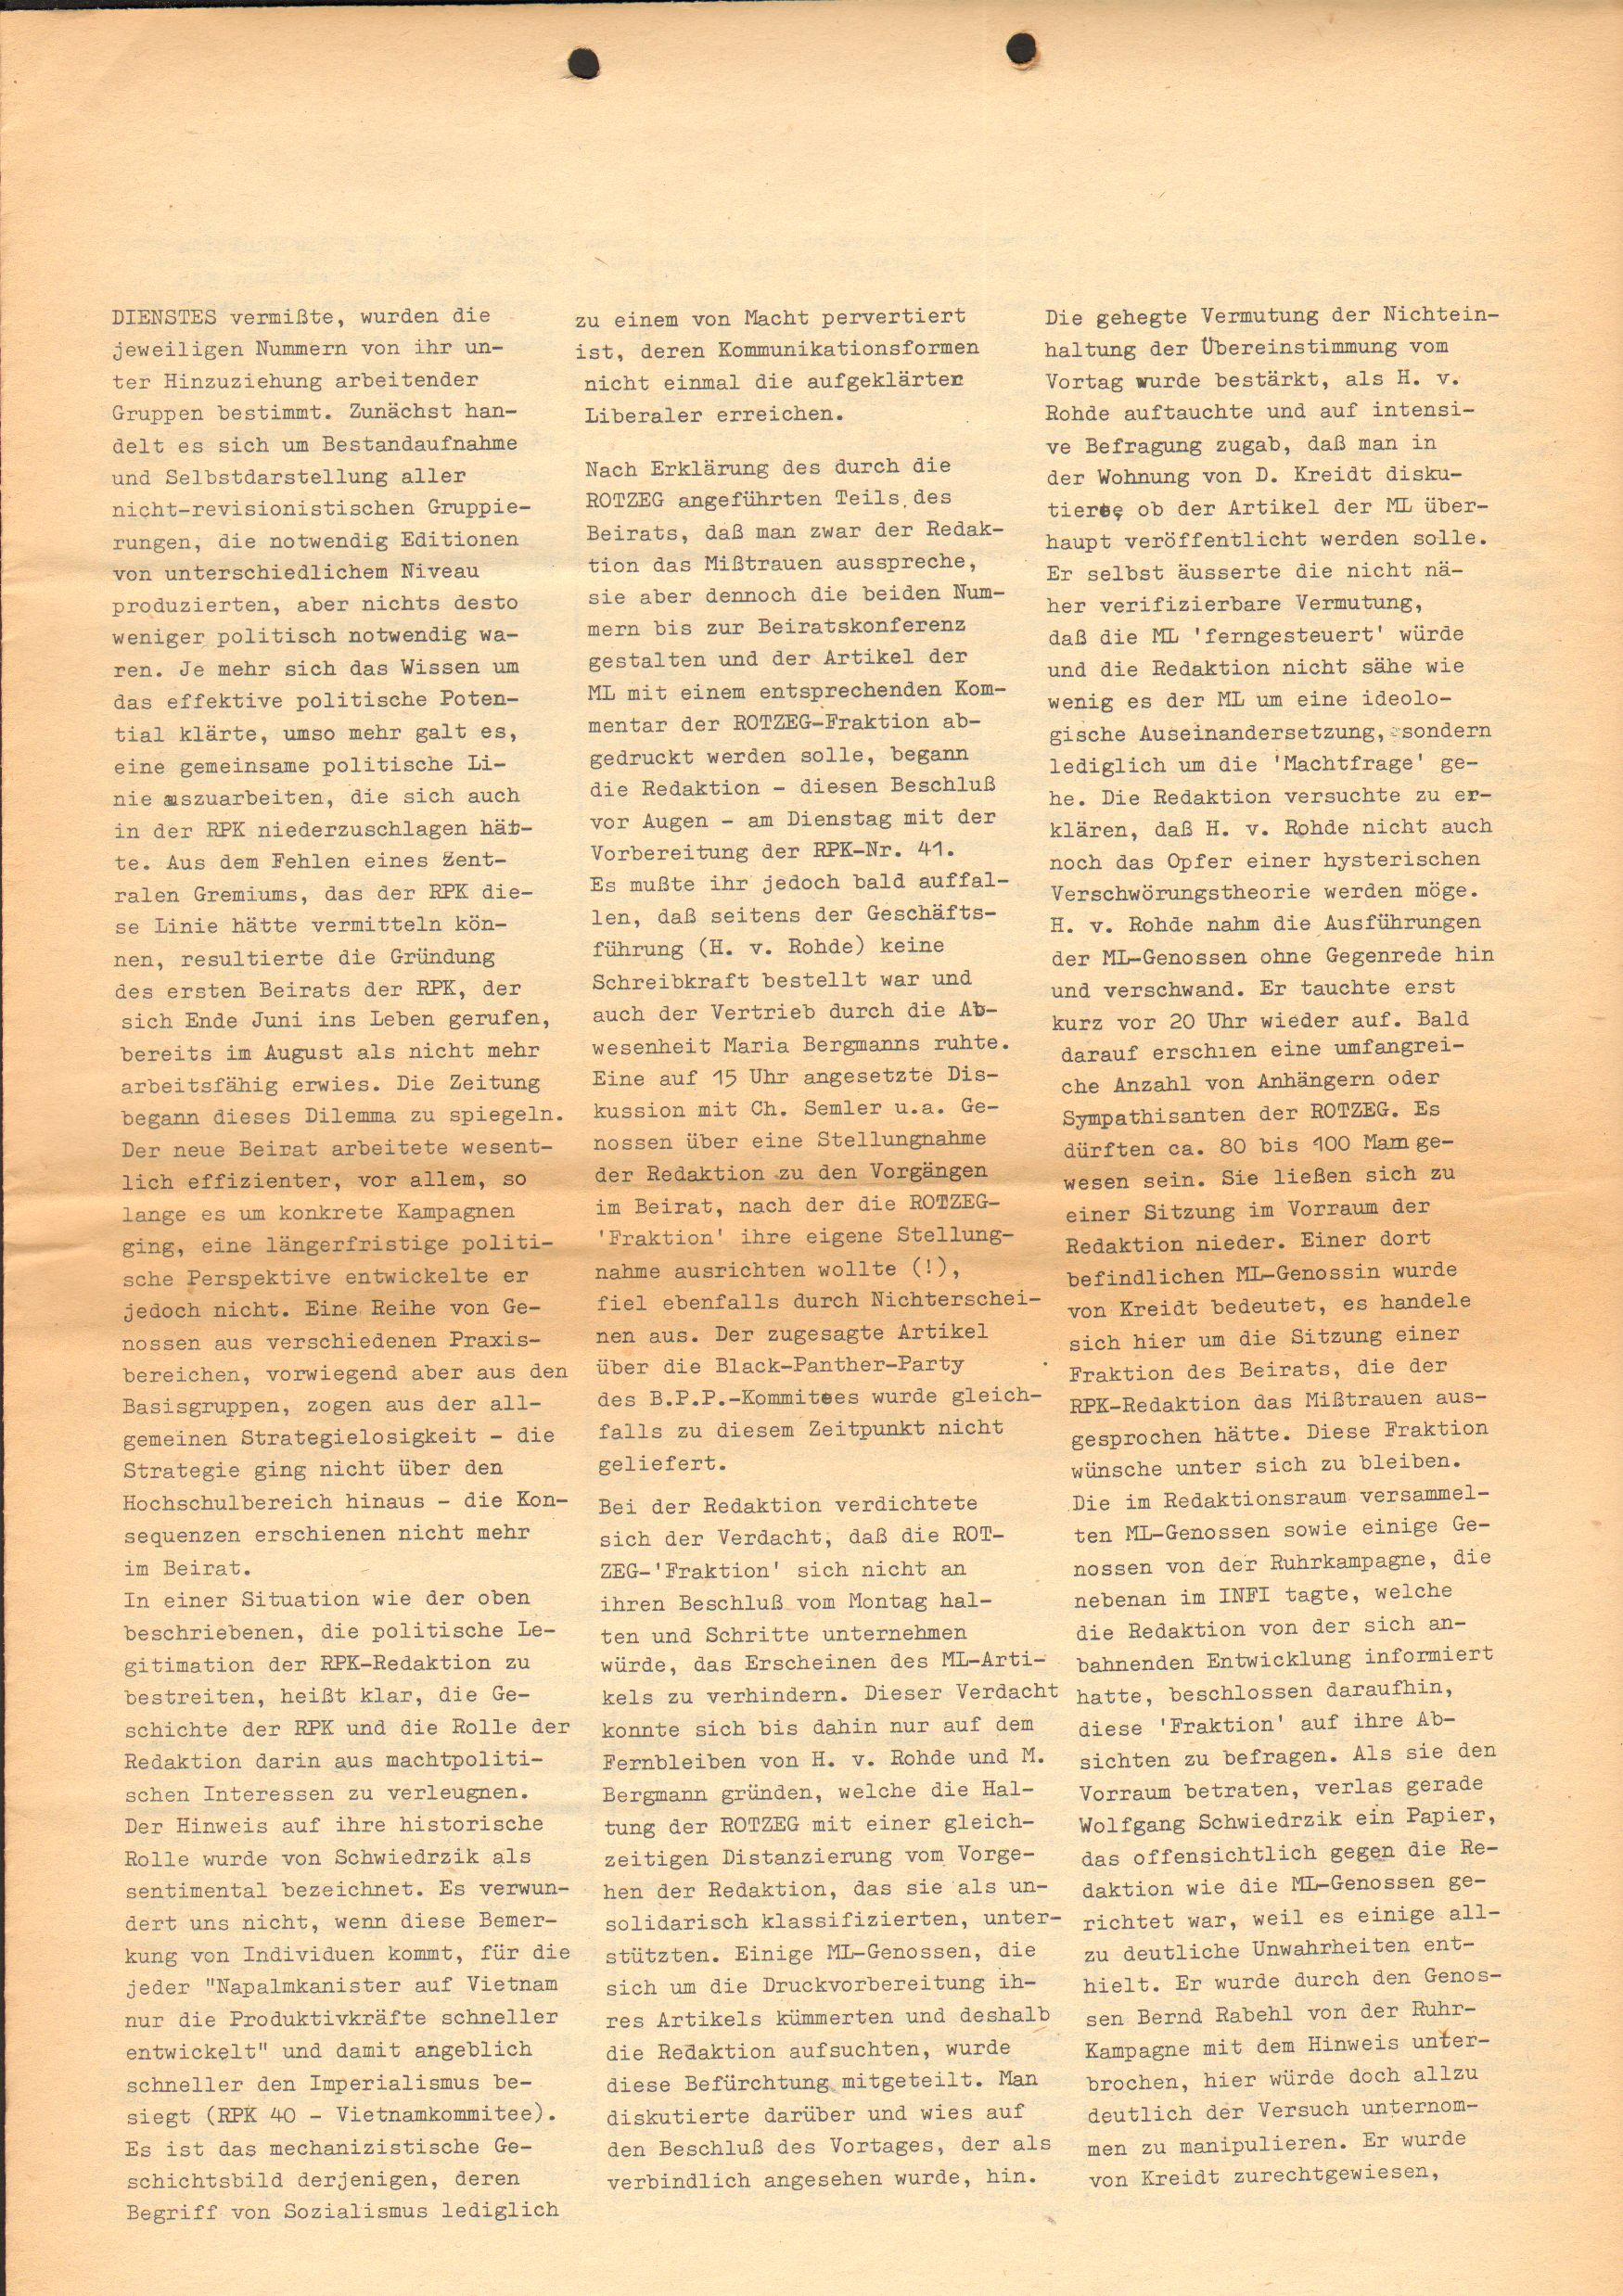 MLWestberlin_1969_Kampf_zweier_Linien_03